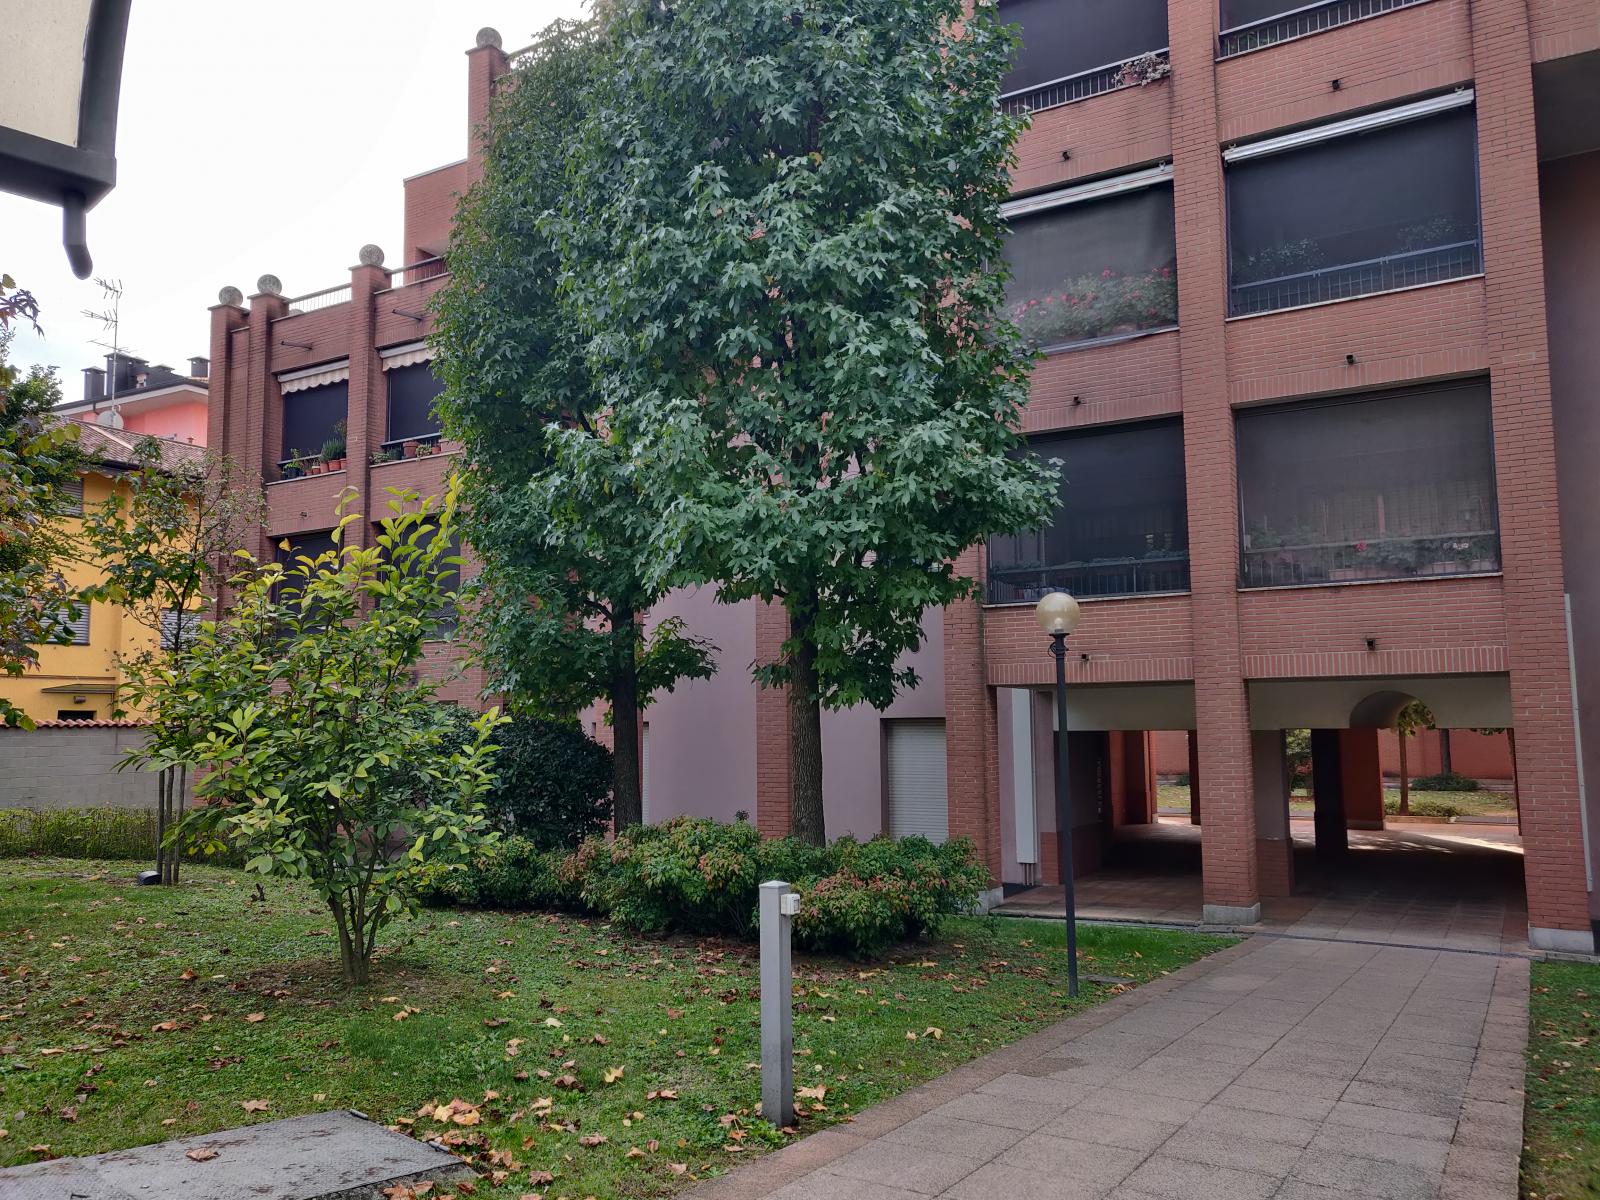 appartamento-3-locali-trilocale-in-vendita-a-milano-san-siro-baggio-forze-armate-spaziourbano-immobiliare-vende-5